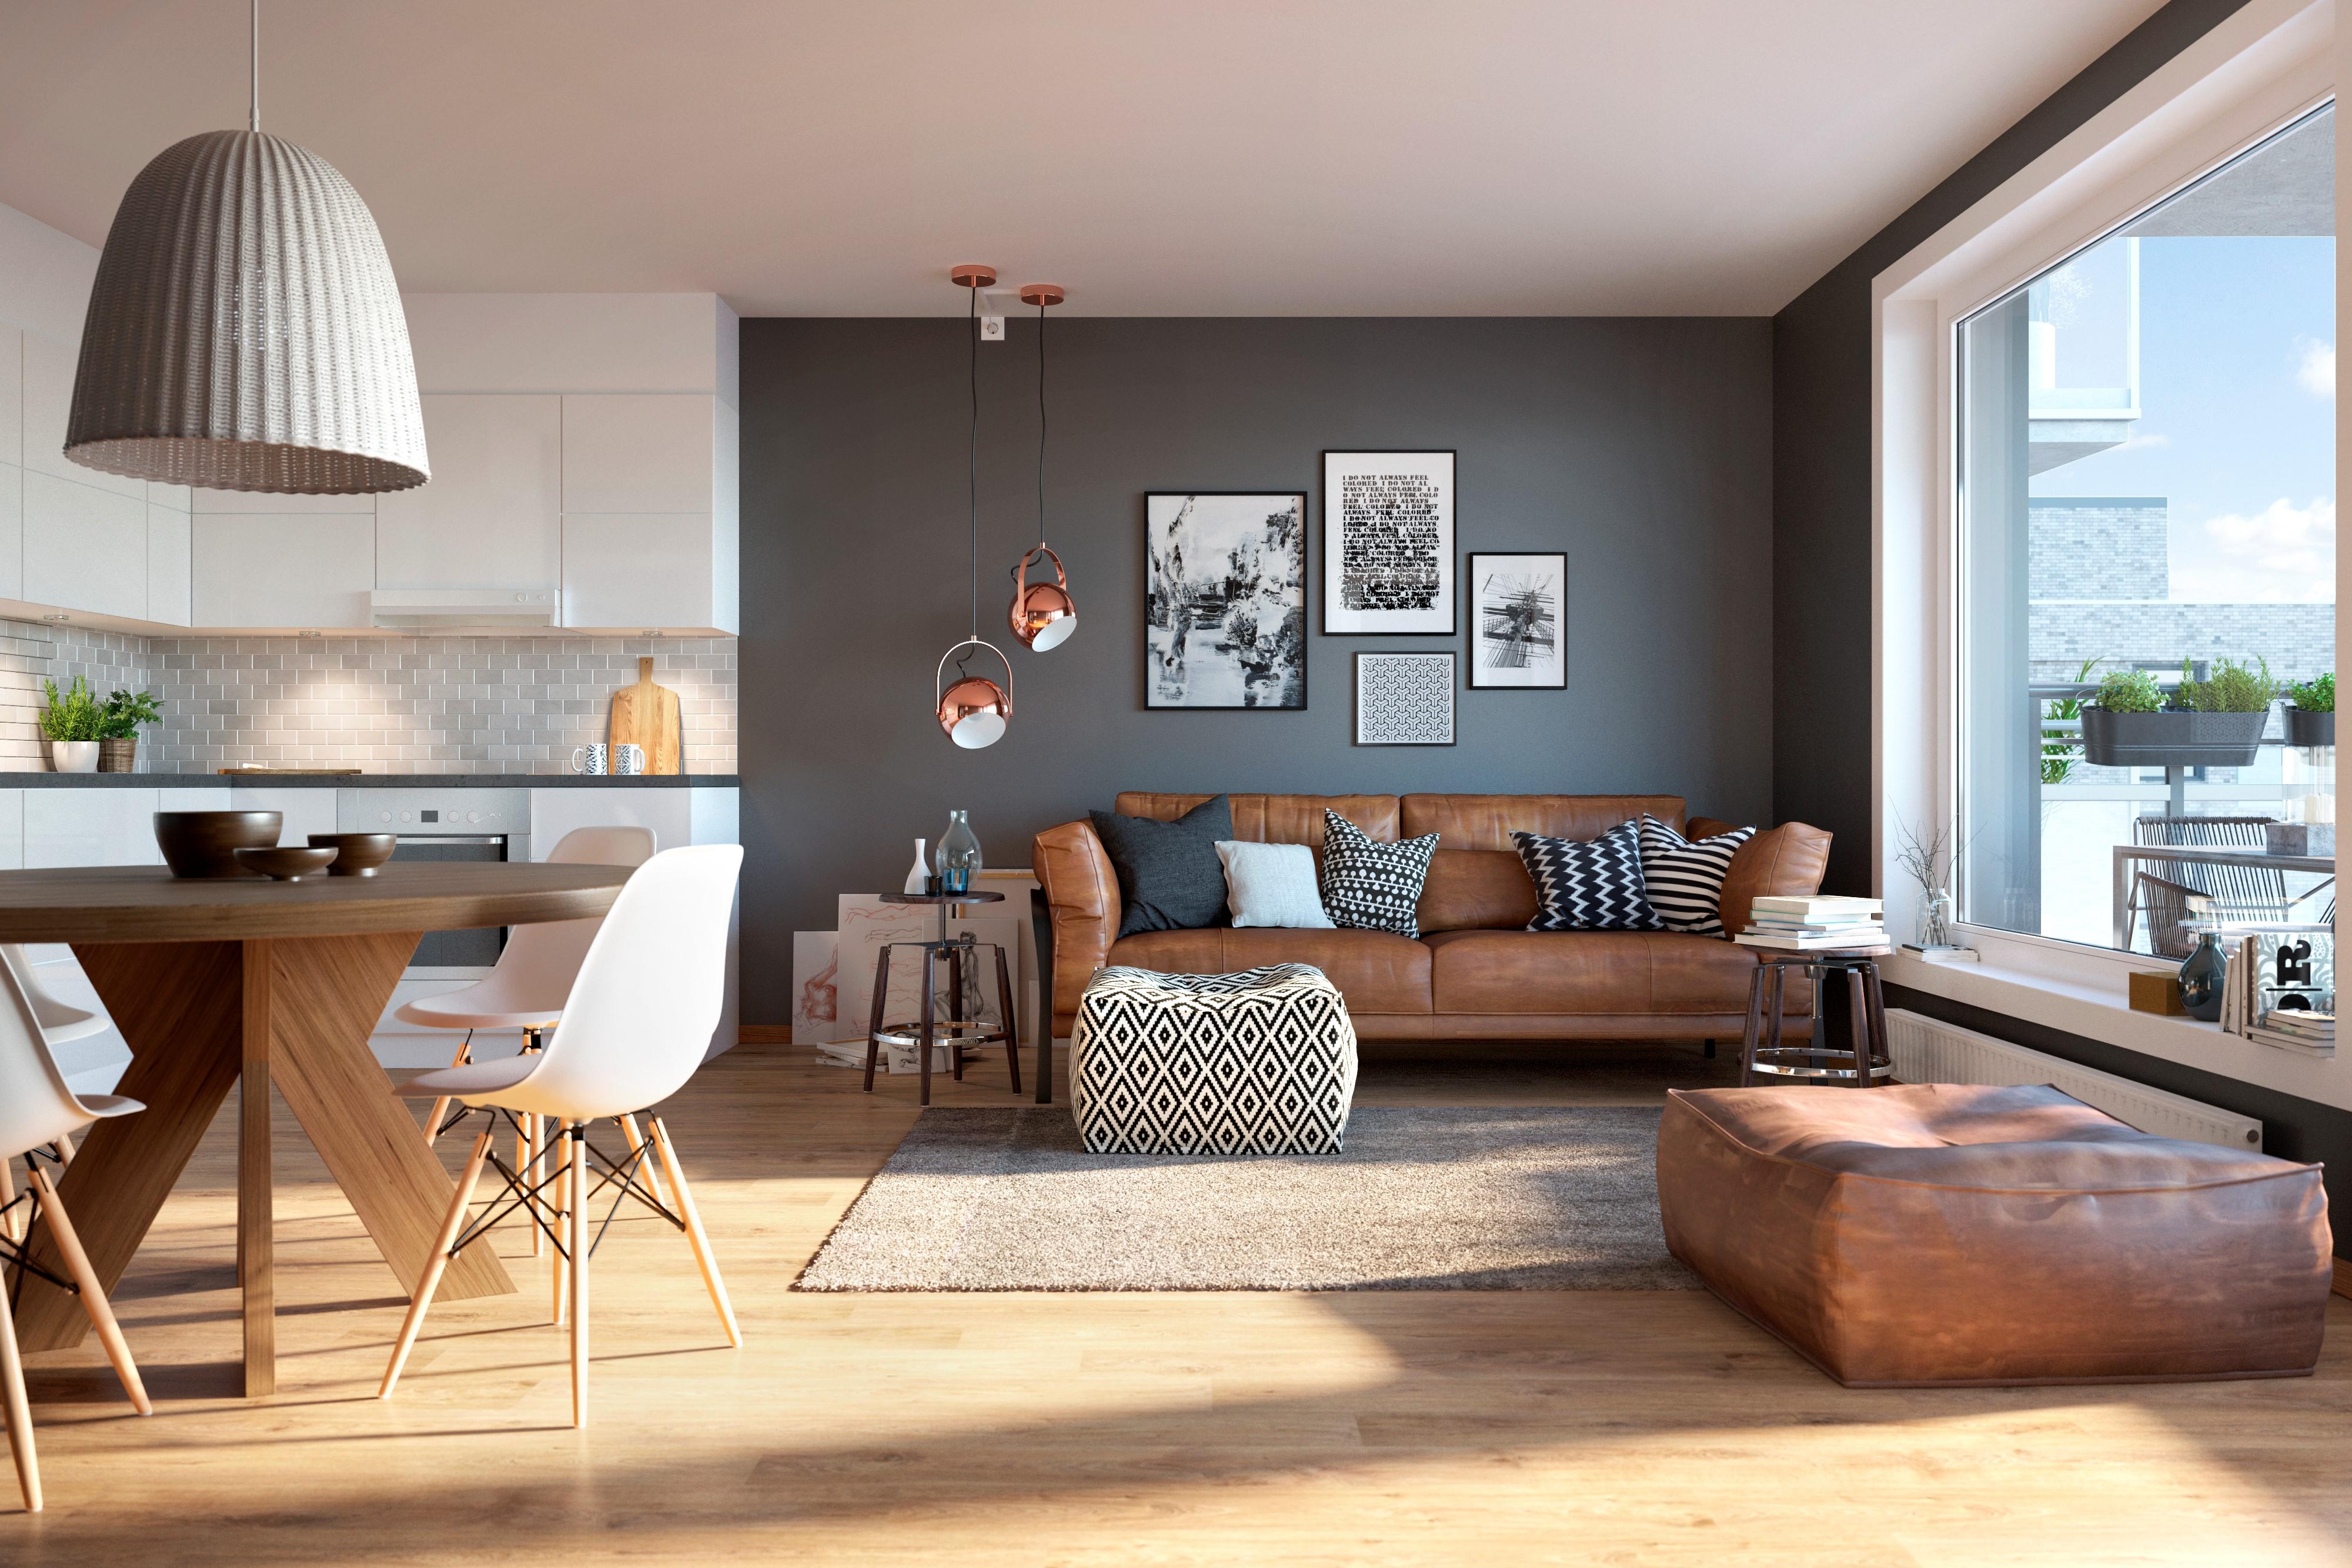 Smarte ressurser Innredningstips for små leiligheter | Selvaag Bolig BH-49